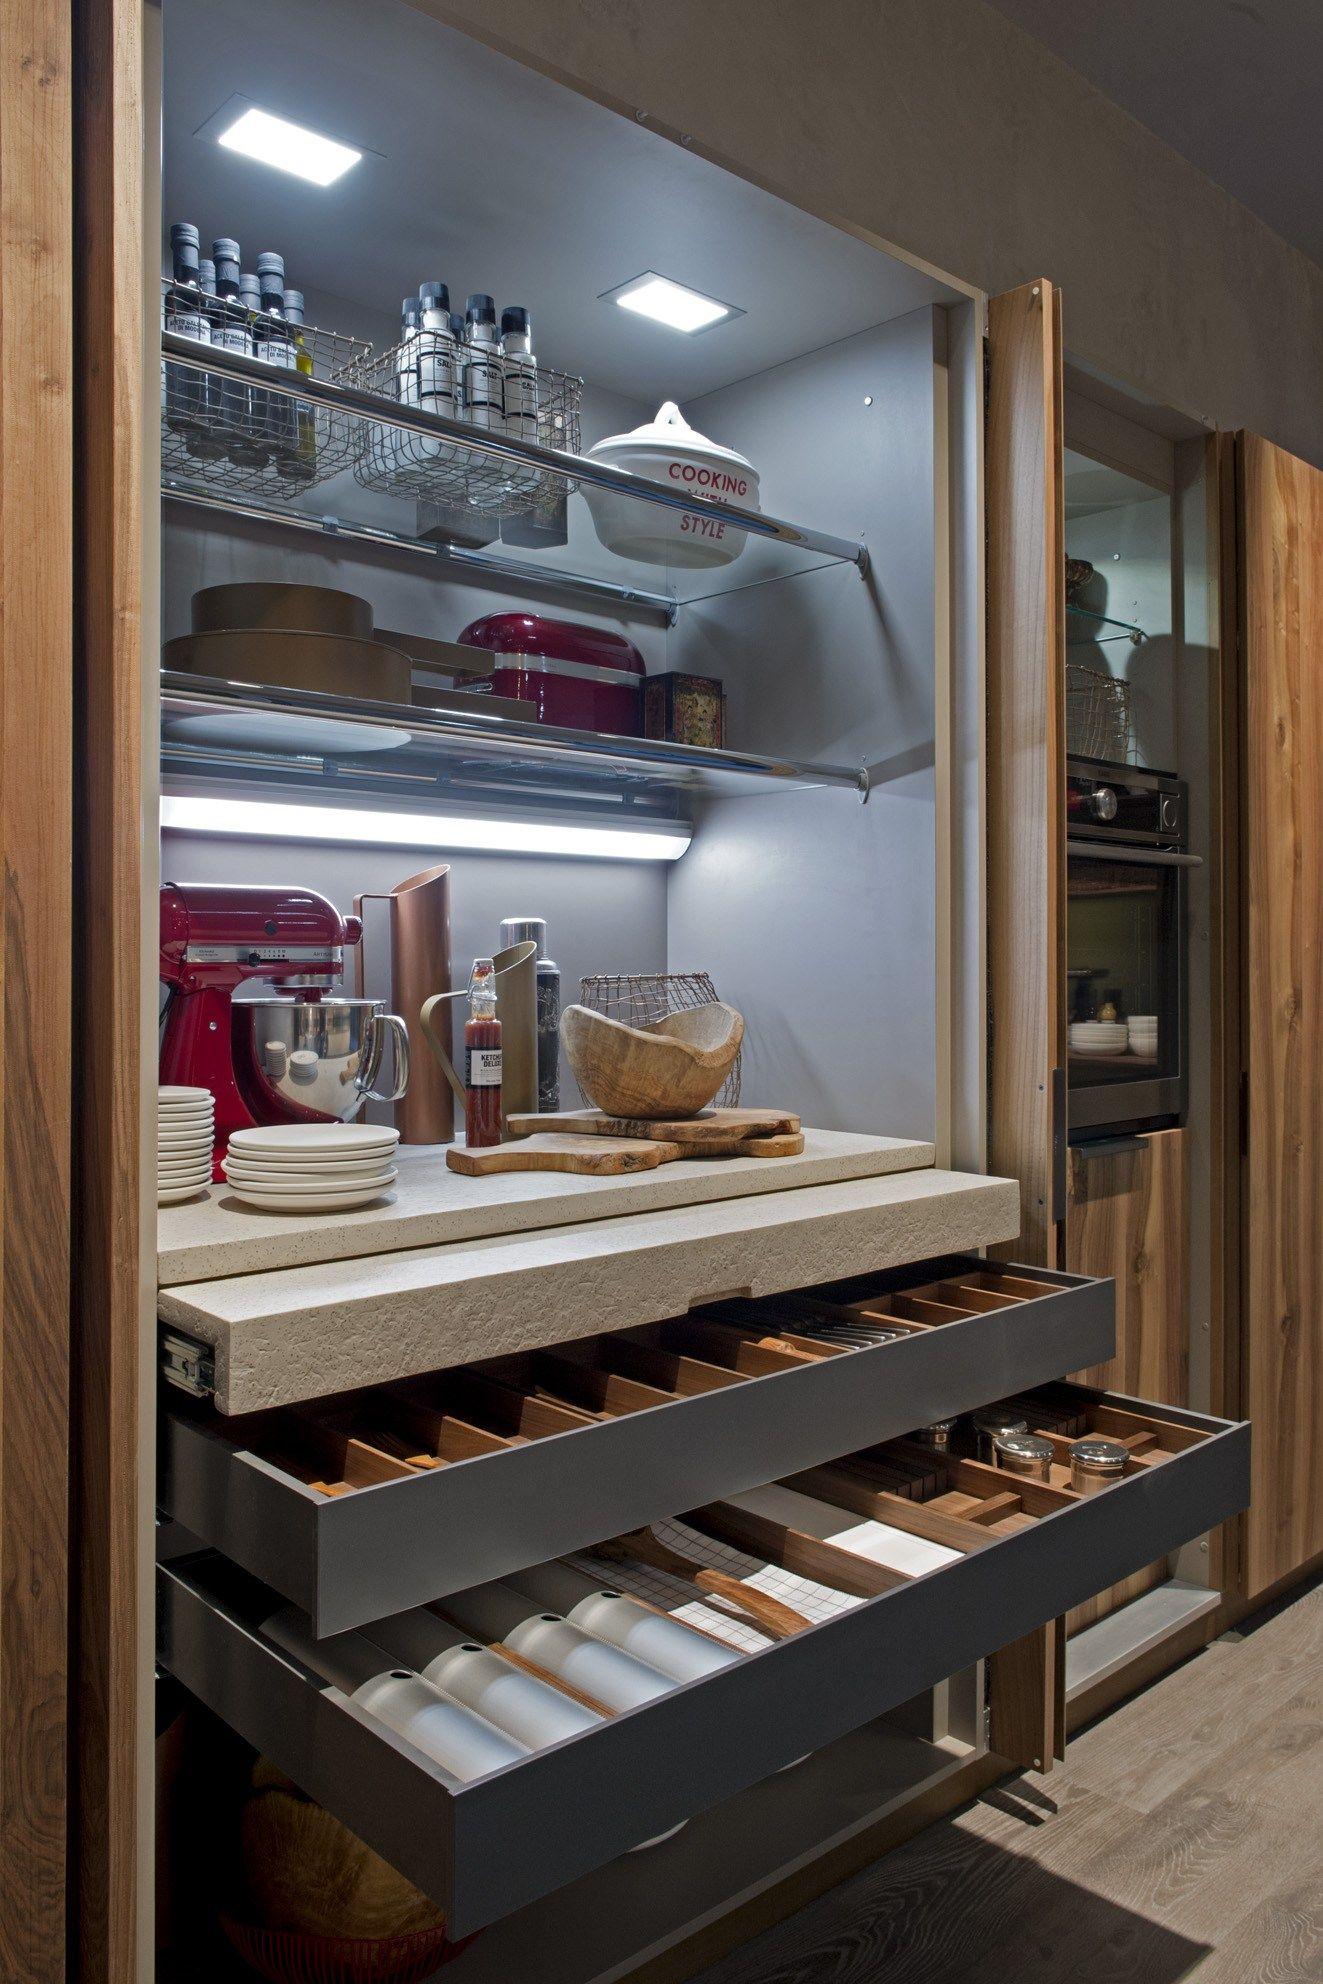 Einbauküche mit Kücheninsel FILOANTIS by Euromobil | Design Roberto ...